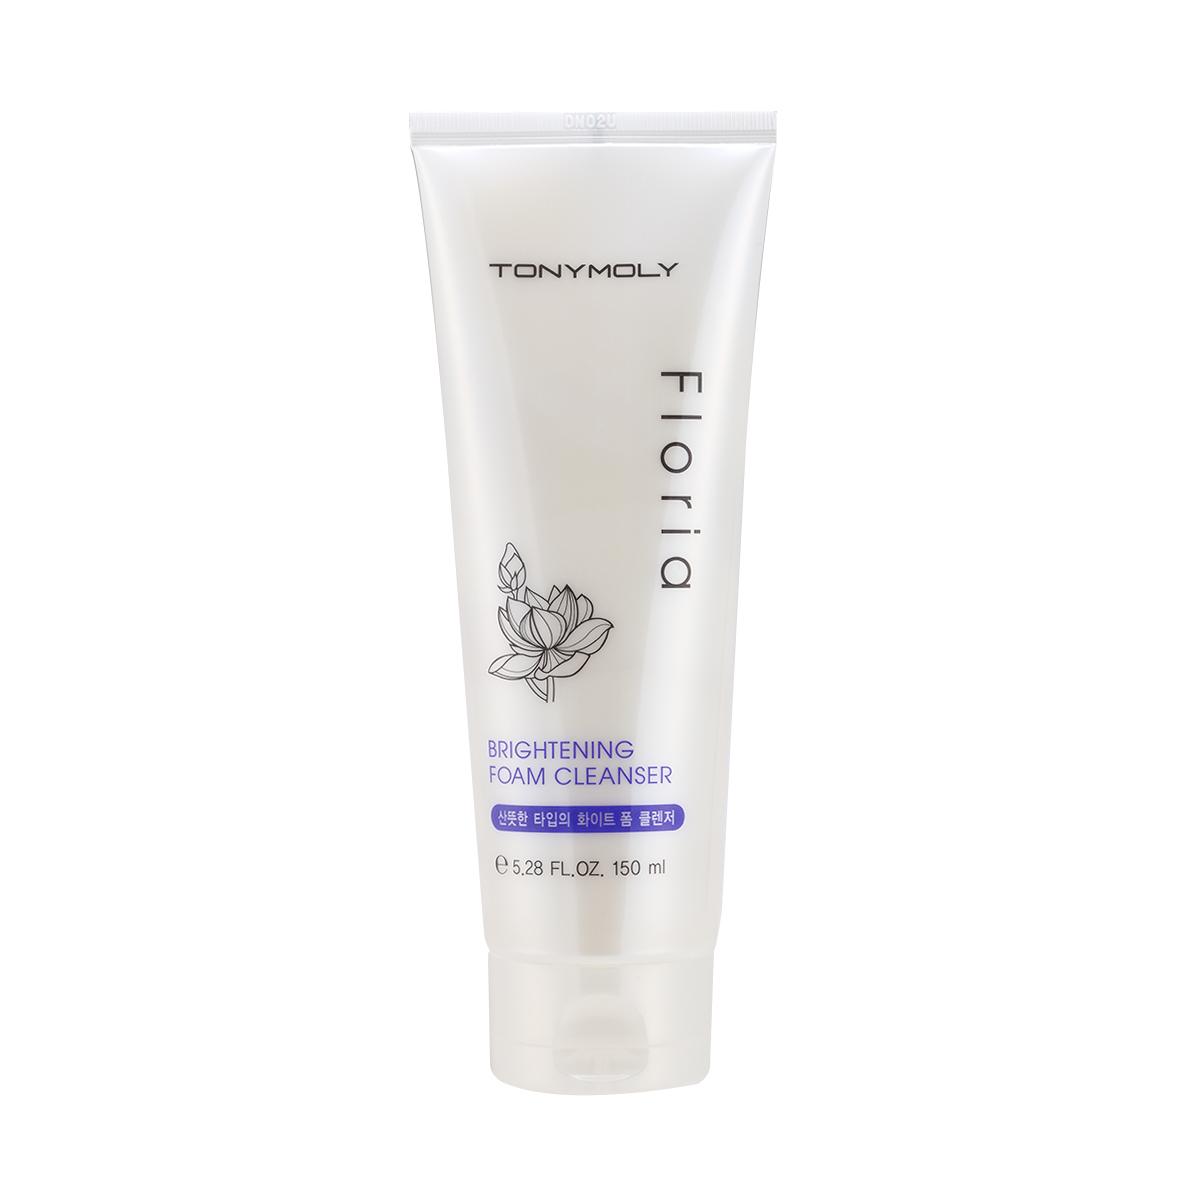 TonyMoly Пенка для лица Floria Brightening Foam Cleanser, 150 млSS02011500Очищающая пенка для умывания с видимым отбеливающим эффектом. Мягко удаляет остатки макияжа, освежает и тонизирует кожу. Поддерживает оптимальный водный баланс кожи, удаляет излишки кожного сала. Подходит для любого типа кожи, в том числе для сухой и чувствительной. Обладает мягкой текстурой, бережно очищает кожу, не стягивая и не оставляя ощущения липкости. Содержит экстракт жемчуга, придающий деликатное сияние Вашей коже. Экстракты лотоса и сливы бережно заботятся о Вашей коже, восстанавливая ее и усиливая защитные функции. Средство не содержит парабенов, бензофенона, искусственных красителей и отдушек. Объем: 150 мл.